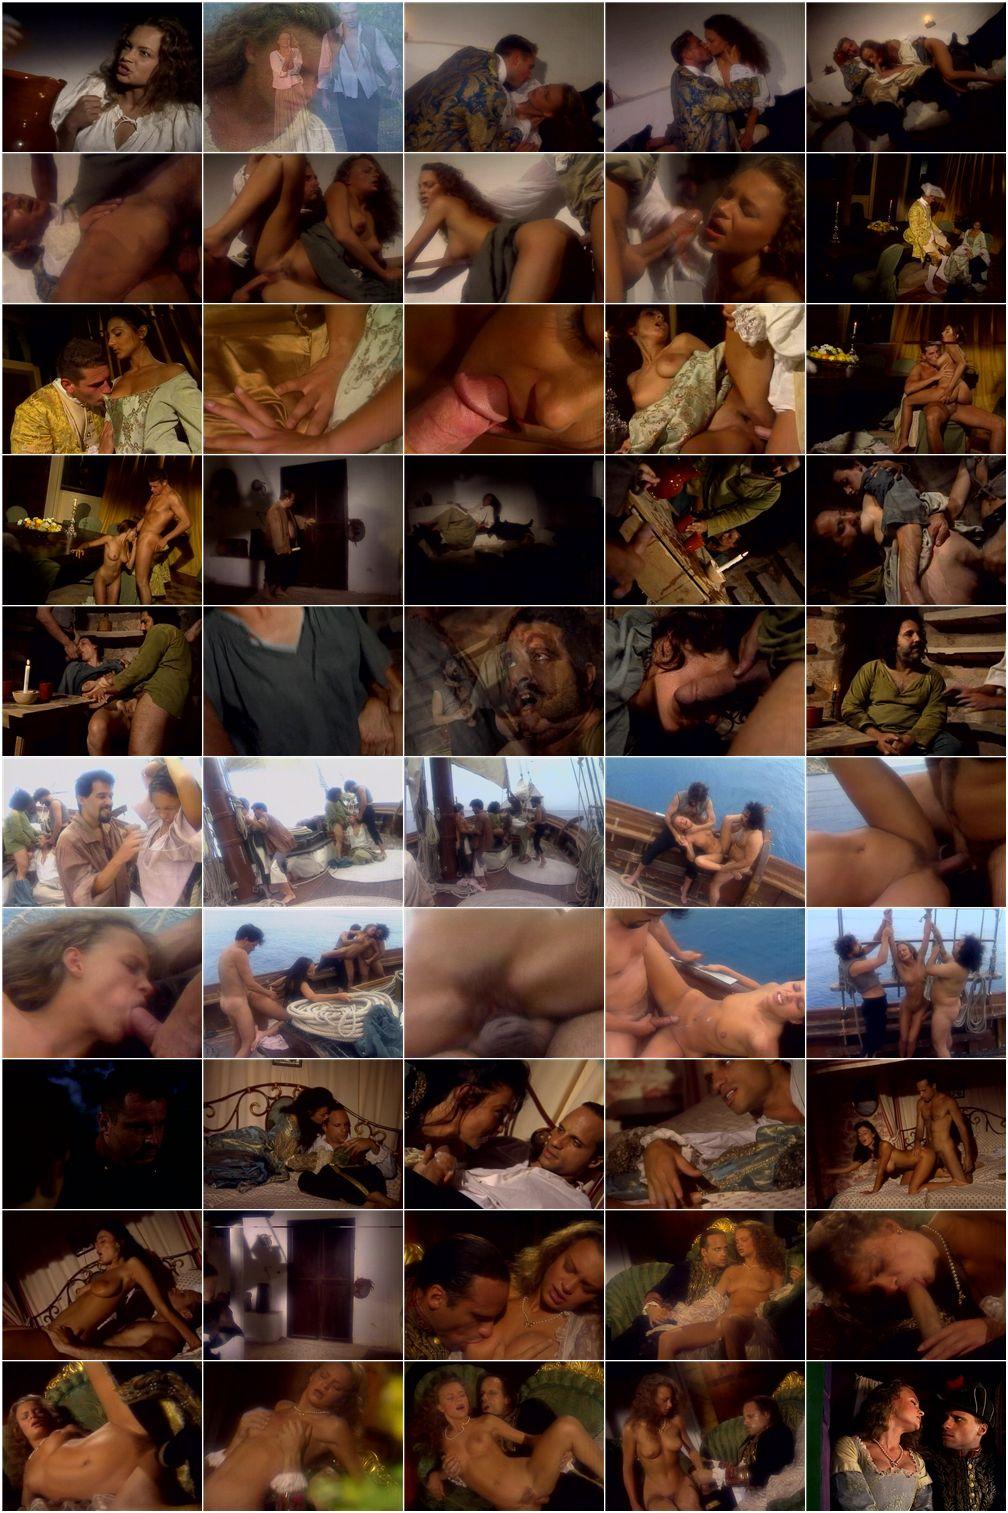 Смотреть порно онлайн анжелика королева пиратов 2 фотография